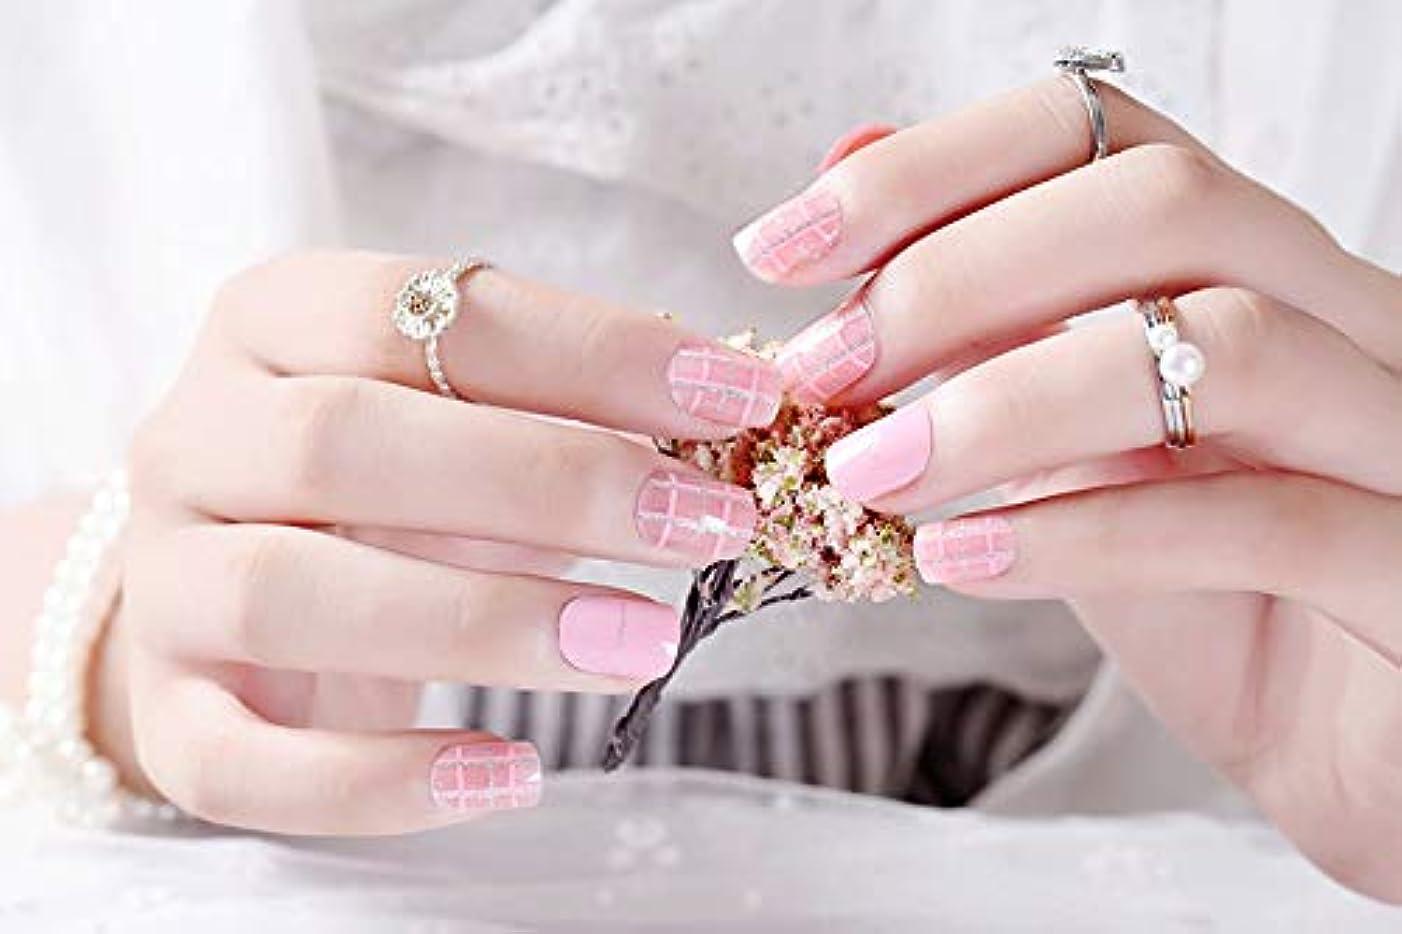 医薬品手首ヘロイン24個 フレンチネイル さわやかなファッション 雑誌のデザイン 優雅な手作りネイルチップ 美しい星空 (ピンク金線)